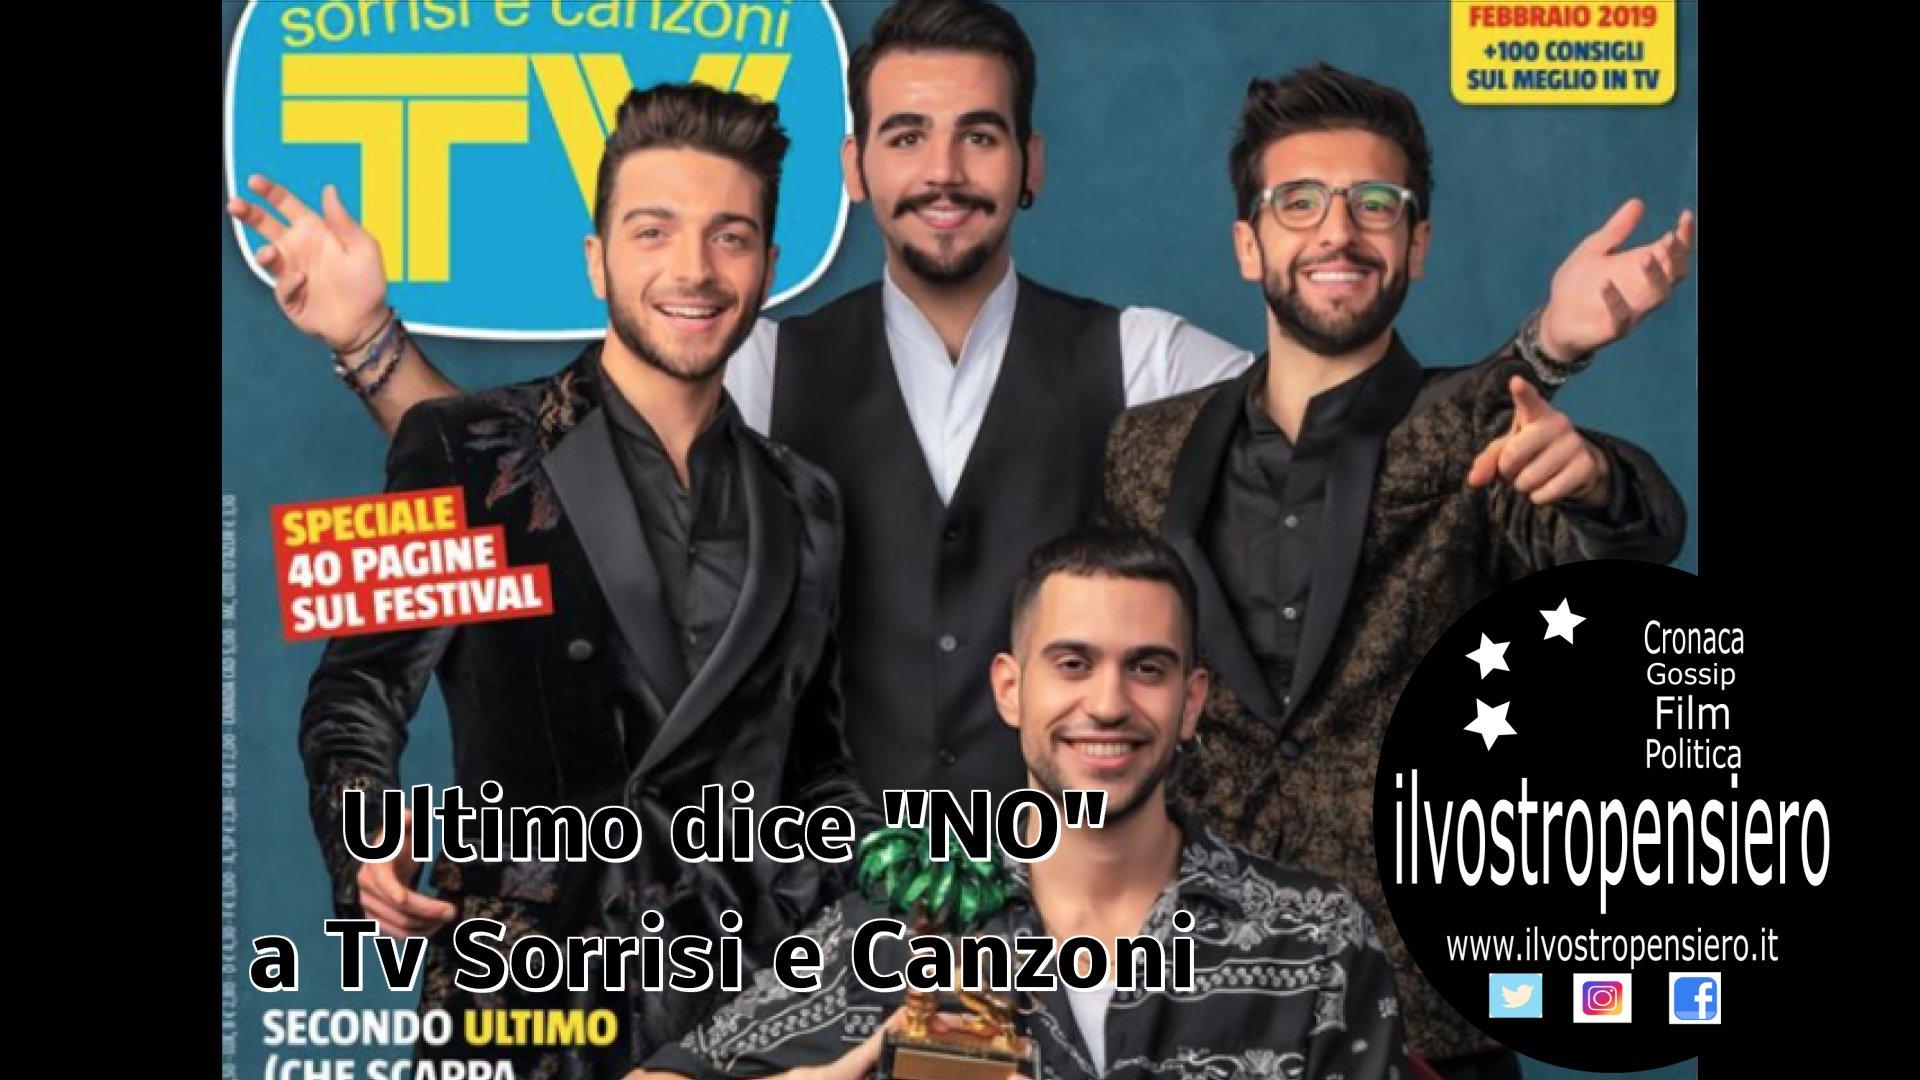 Nella copertina di Tv sorrisi e Canzoni manca Ultimo